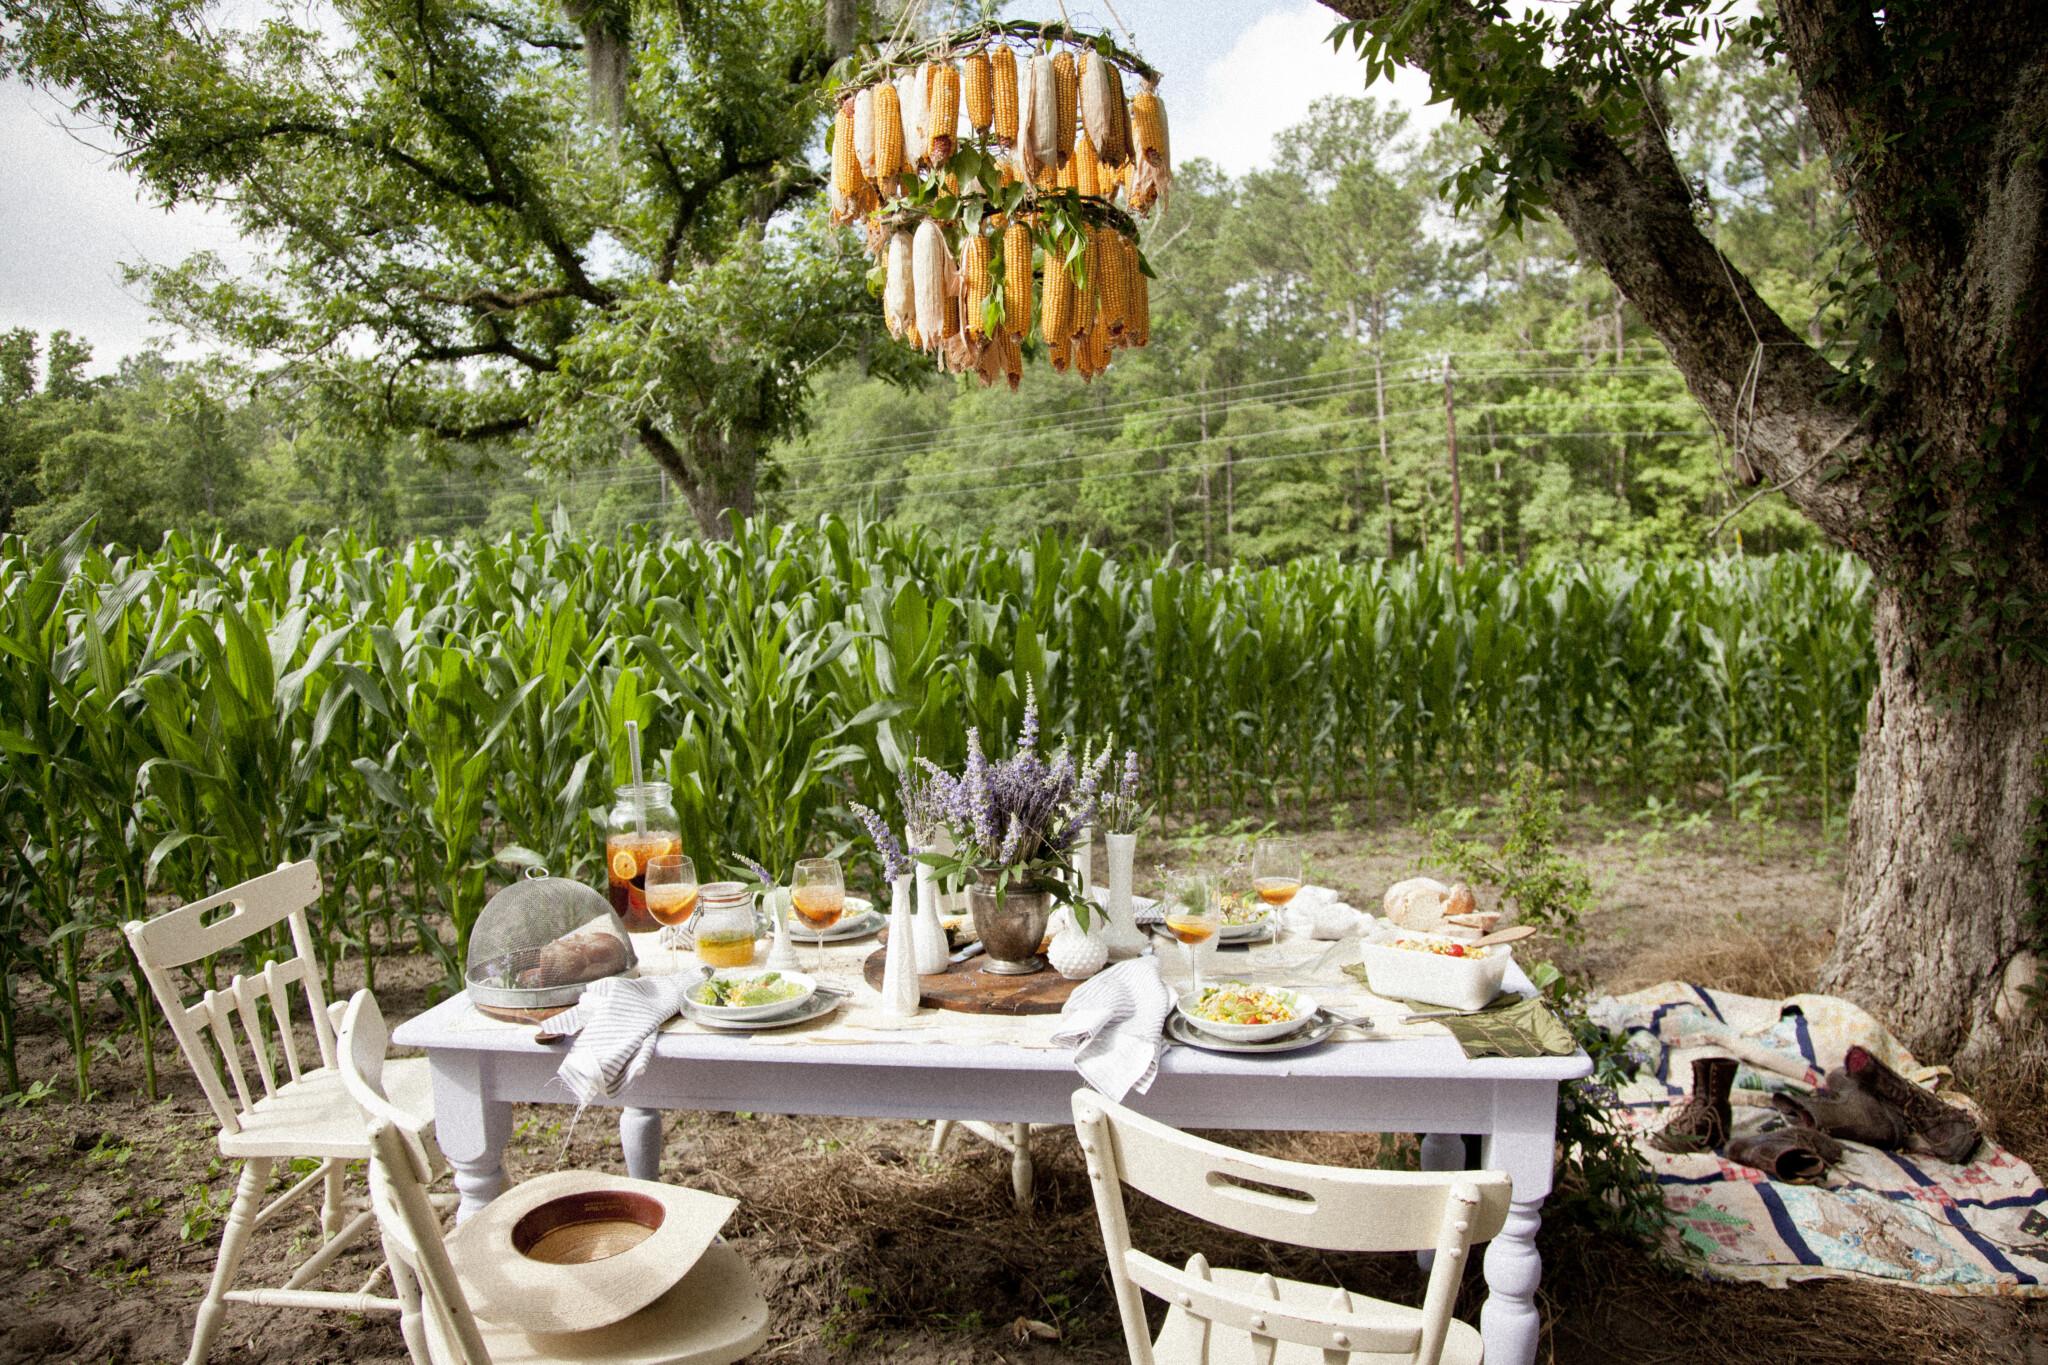 Dining Al Fresco, Lunch in a Cornfield, Libbie Summers Entertains, Corn Chandelier,